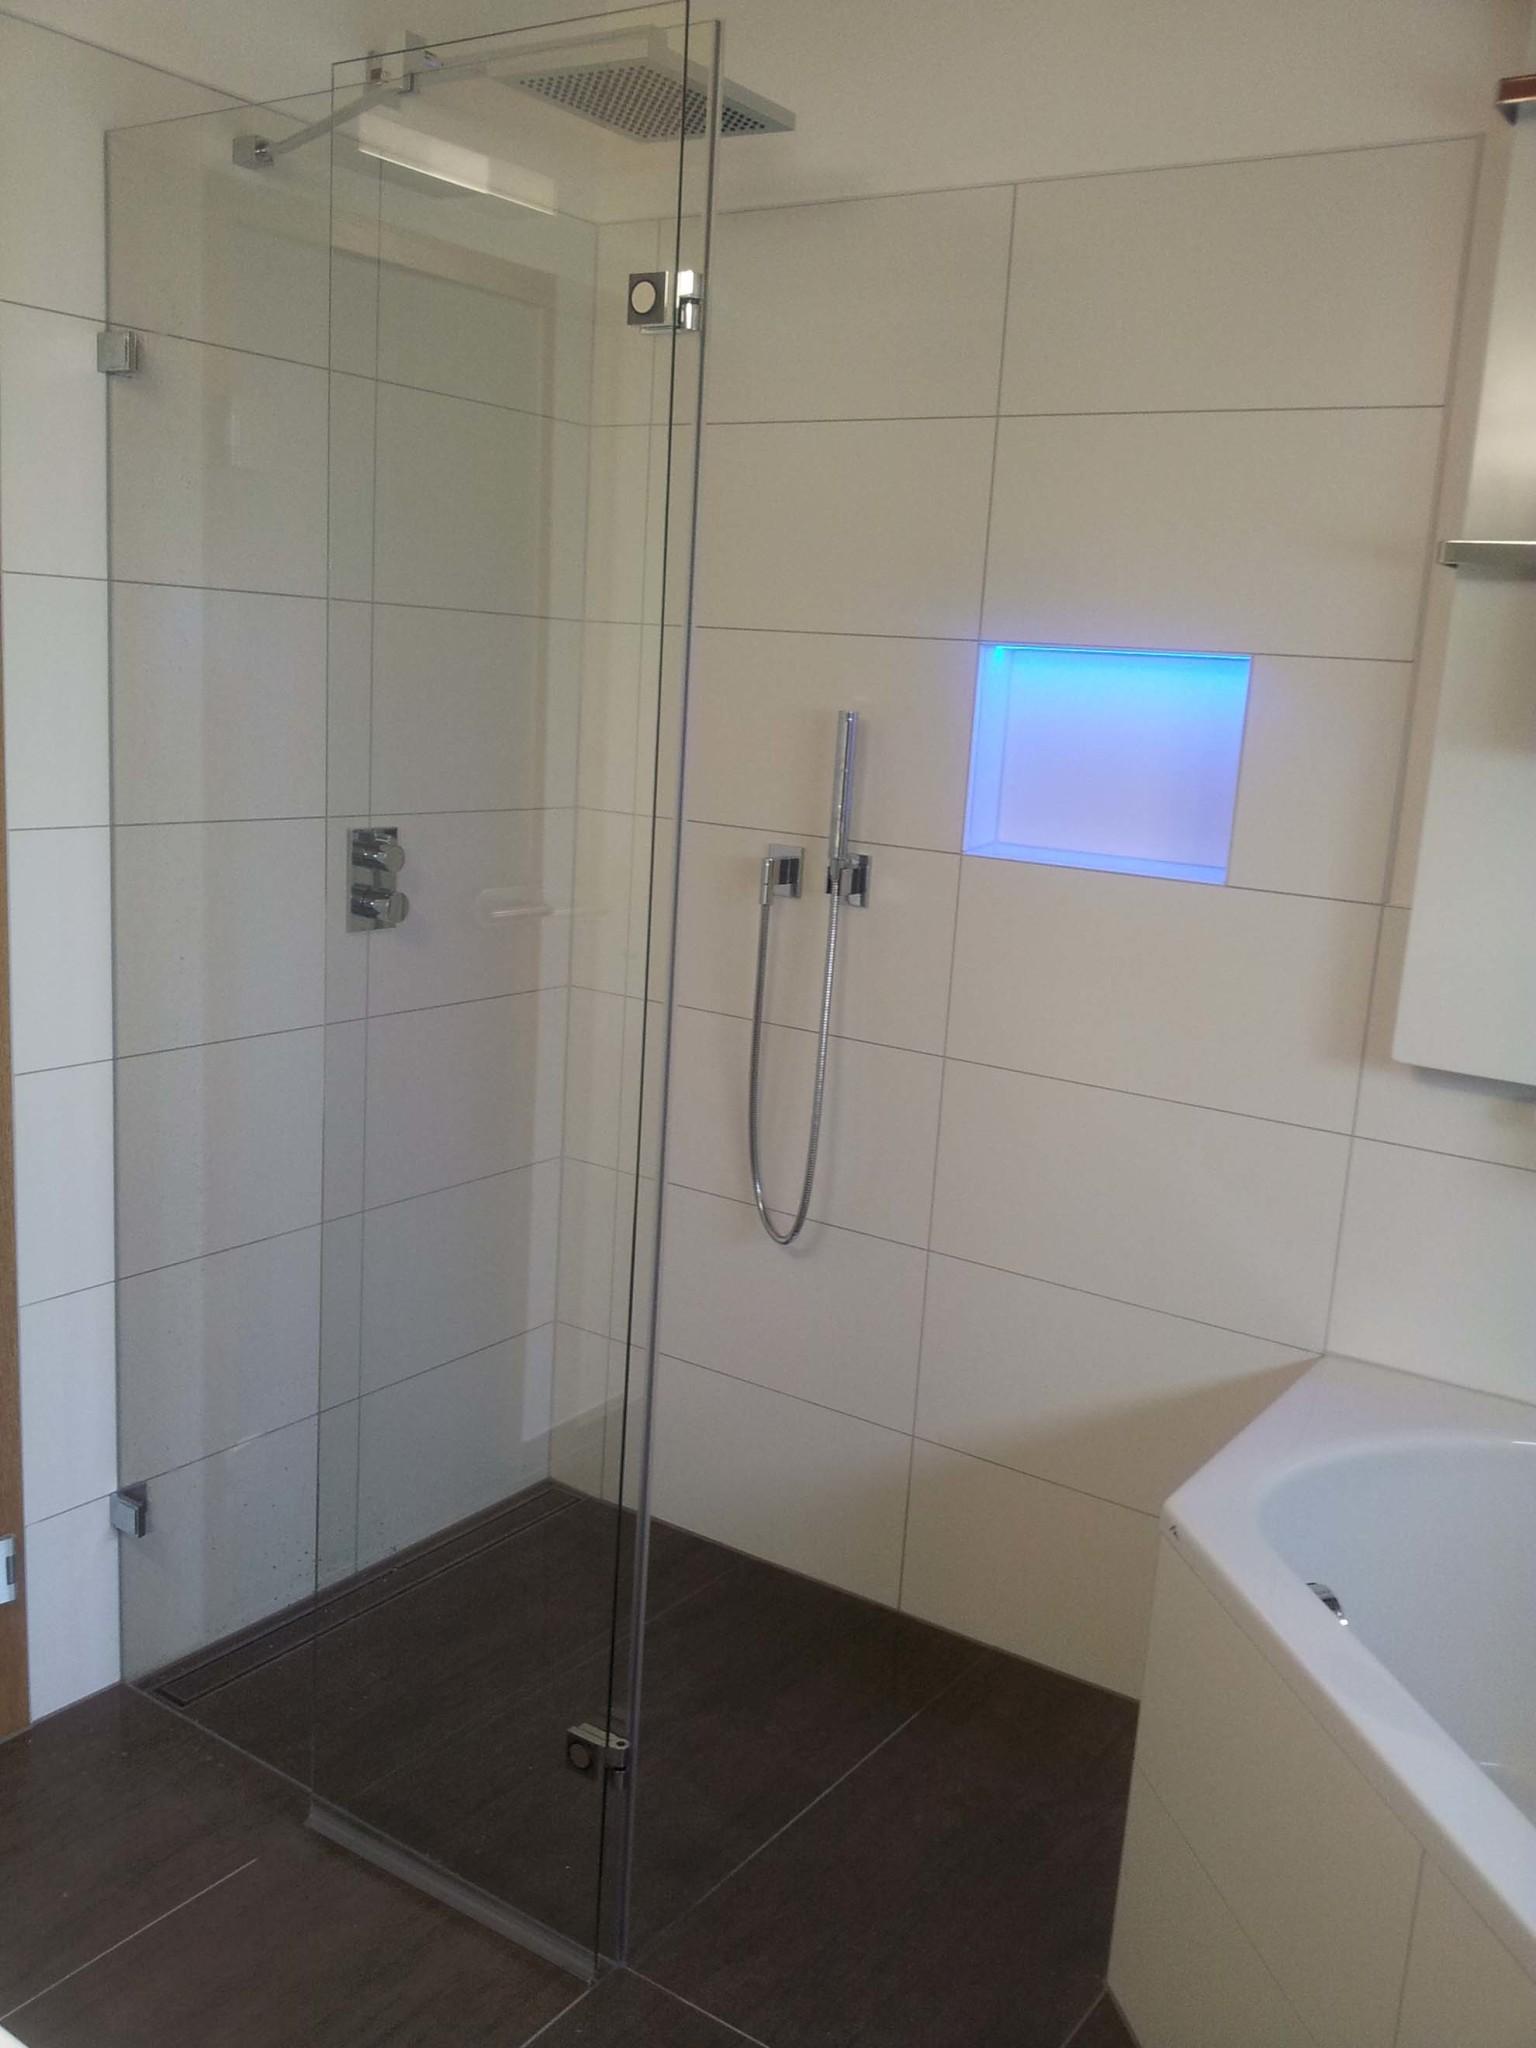 Midra Festteil mit schmaler Türe zum nach aussen wegklappen als Walk In Dusche (1)